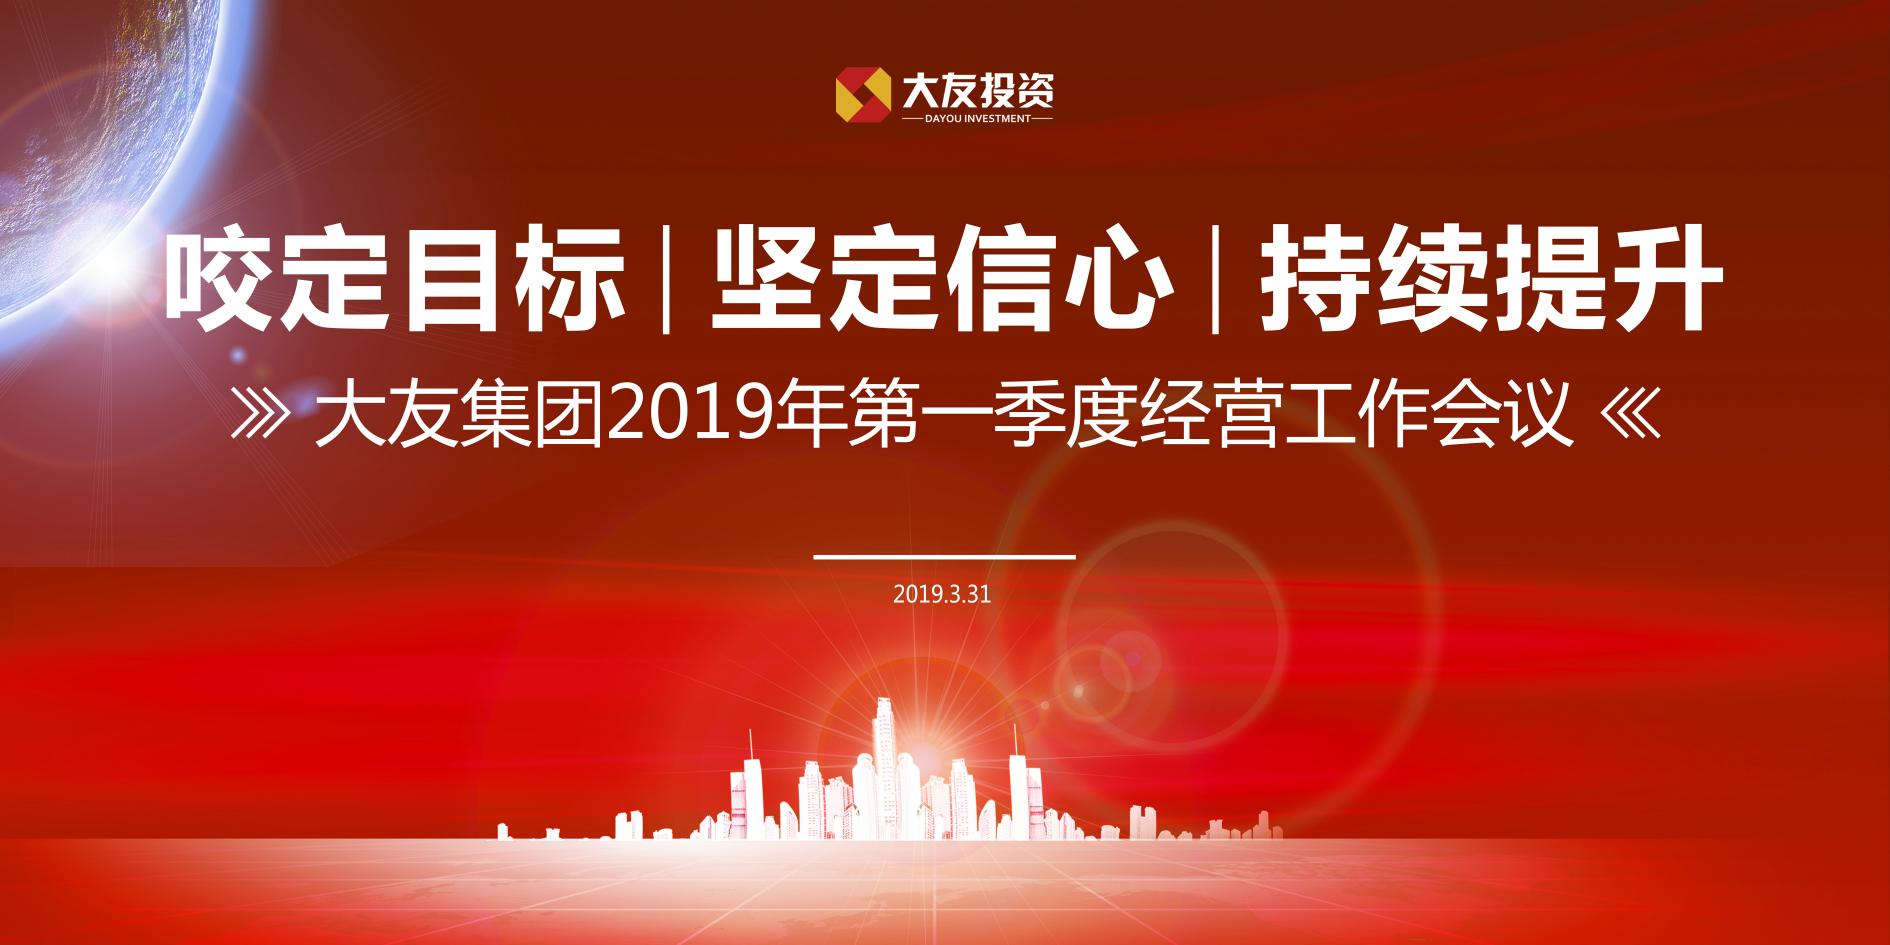 大友集团2019年第一季度经营工作会议顺利召开